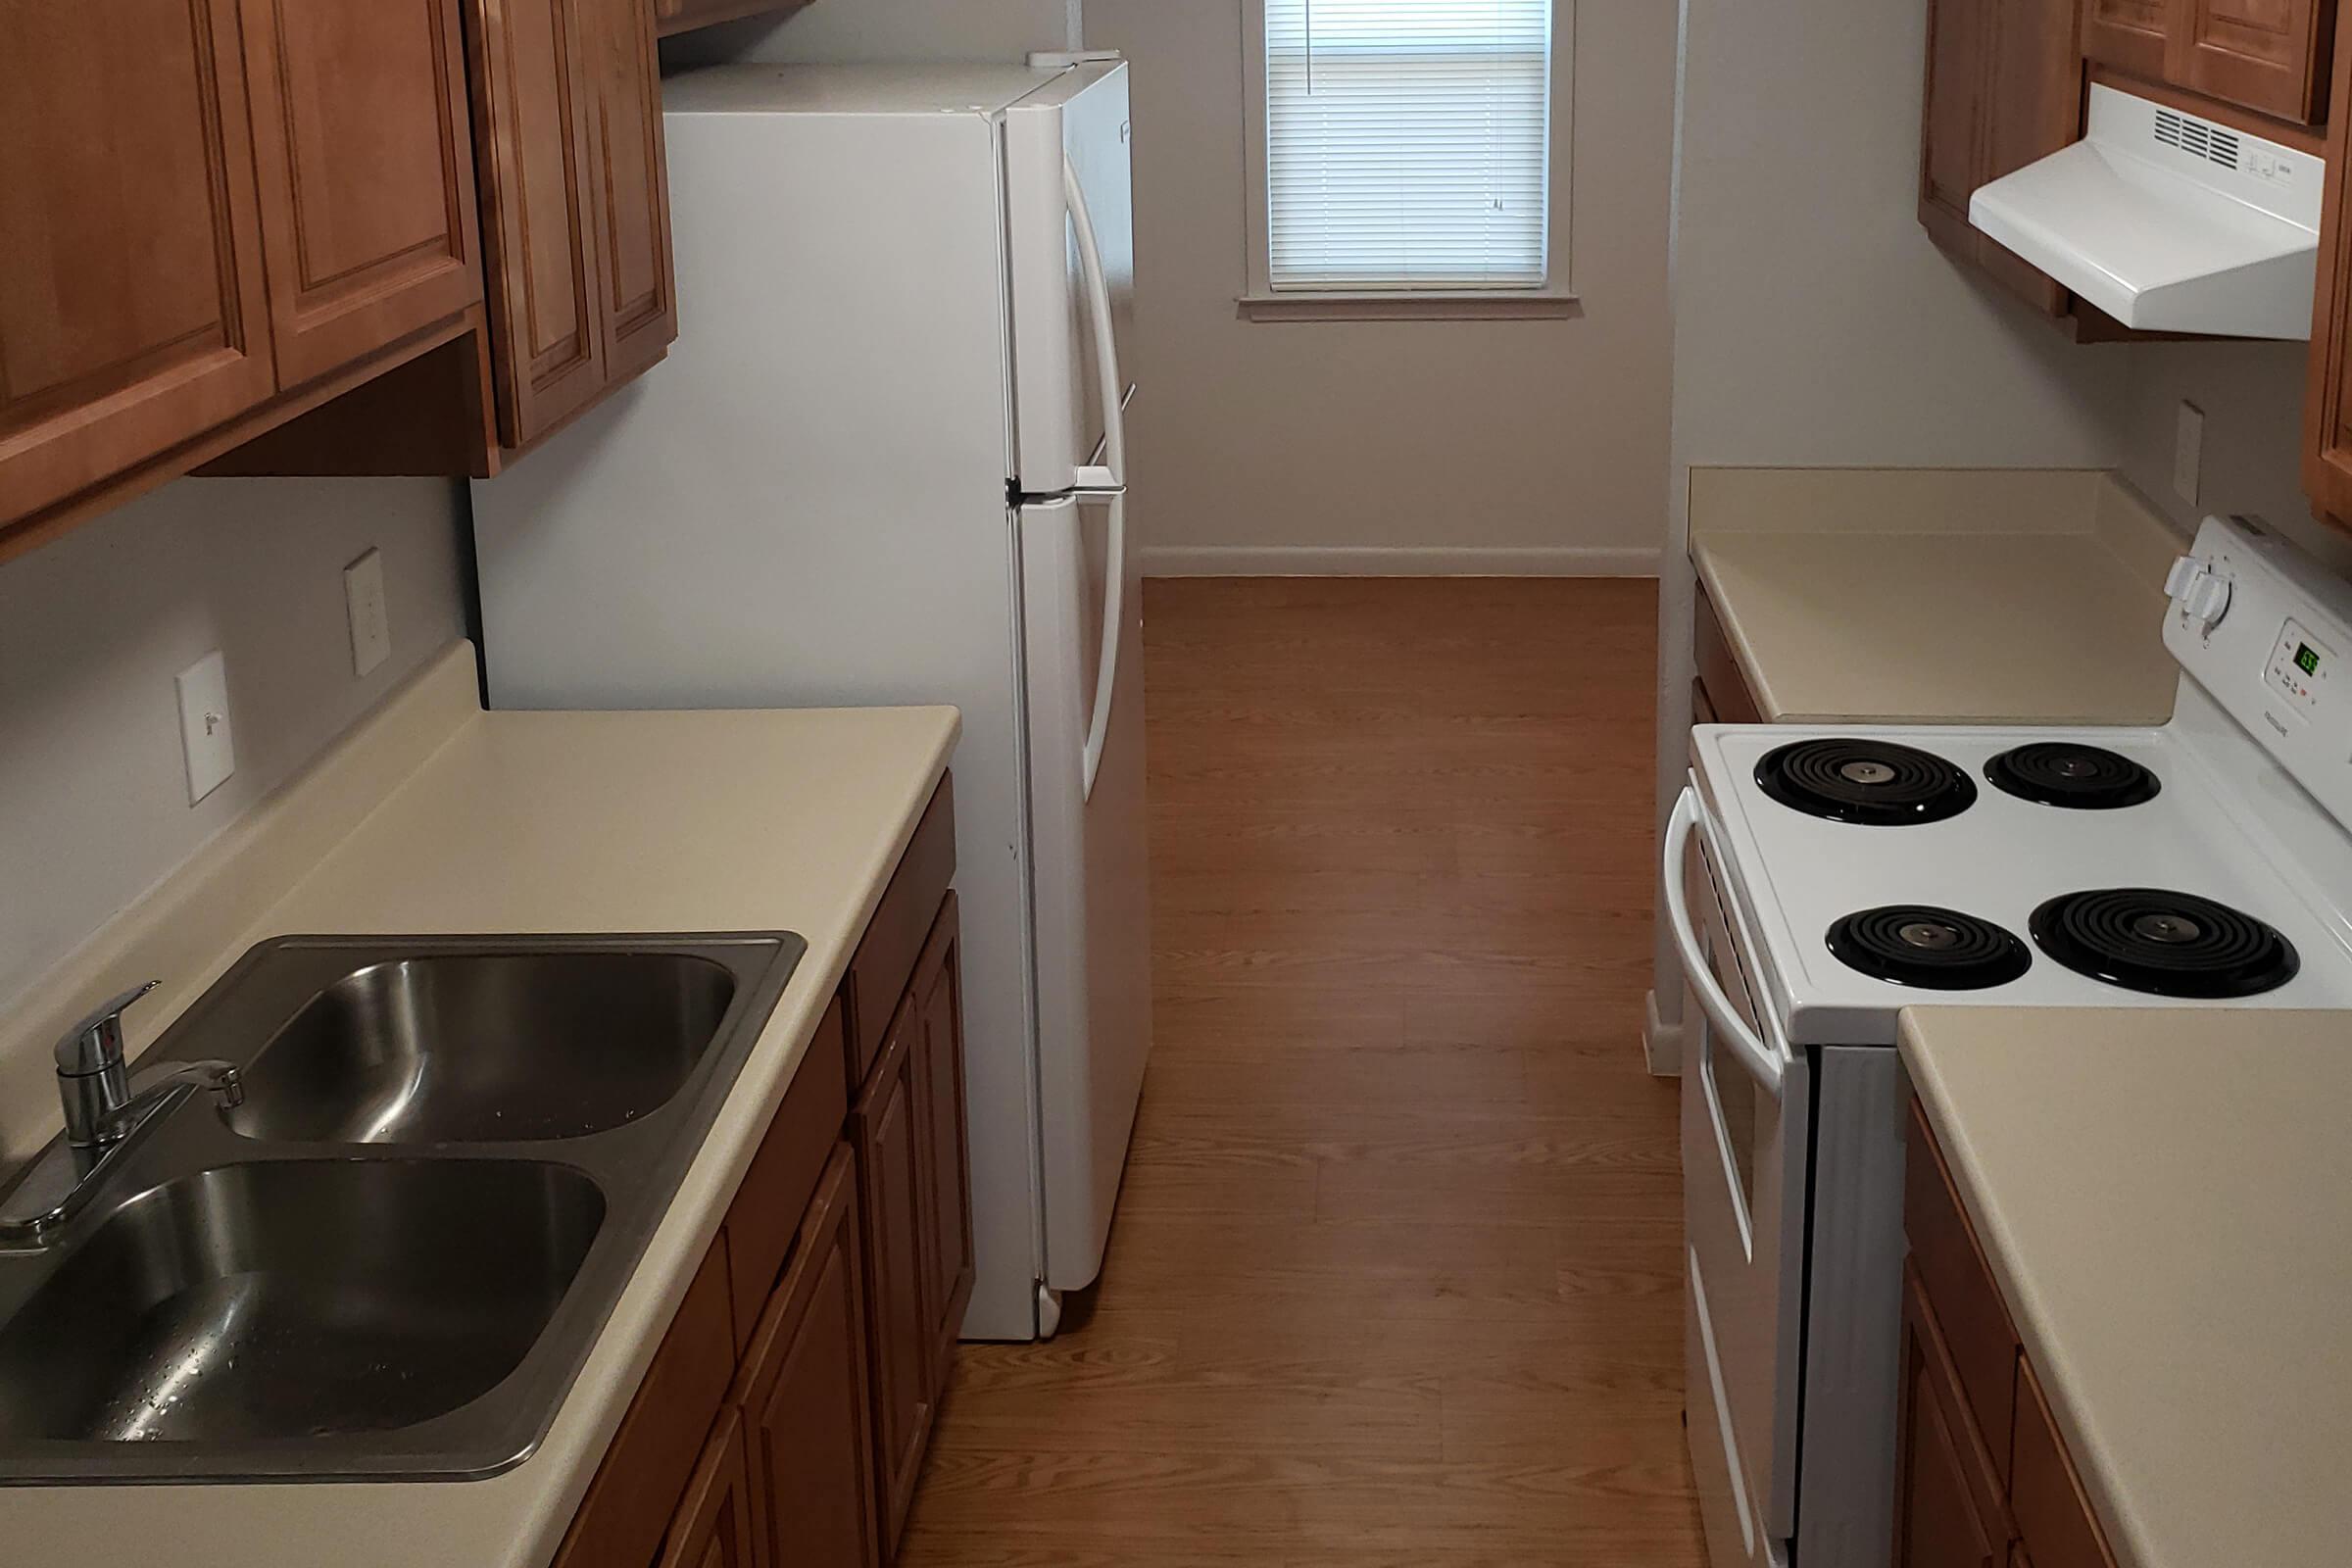 kitchen in 1x1.jpg